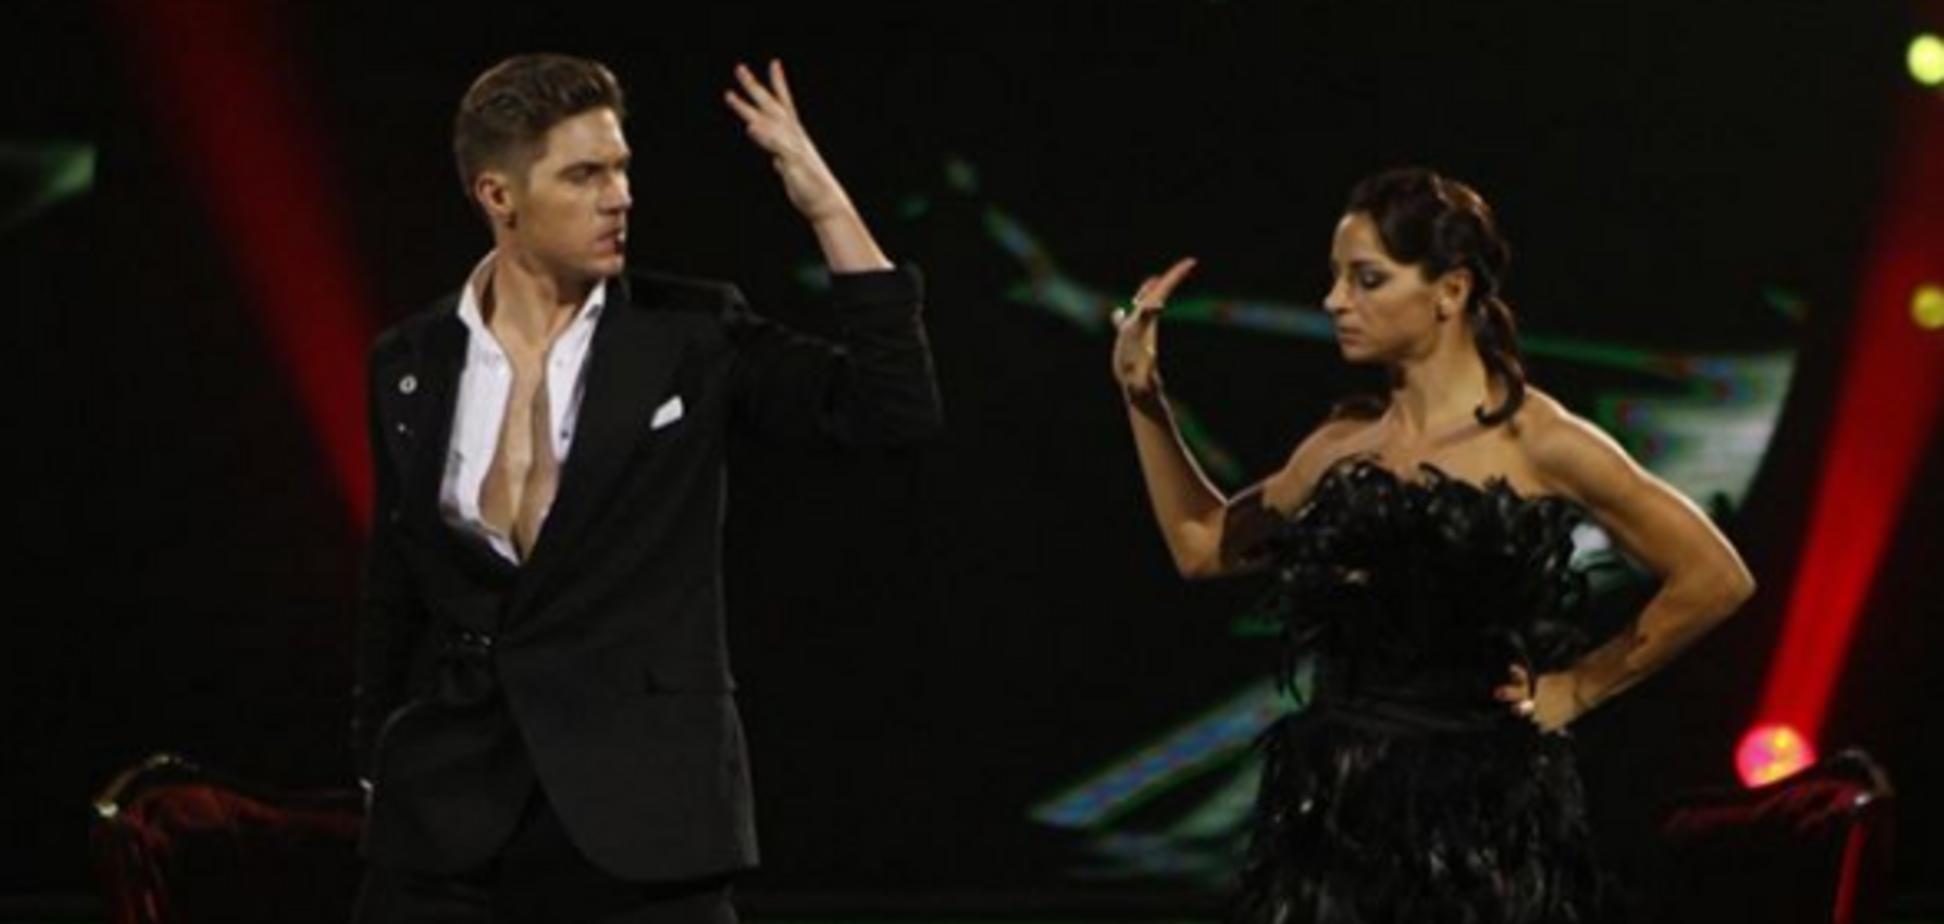 'Несправедливость зашкаливает': в сети разгорелся скандал из-за полуфинала 'Танців з зірками'